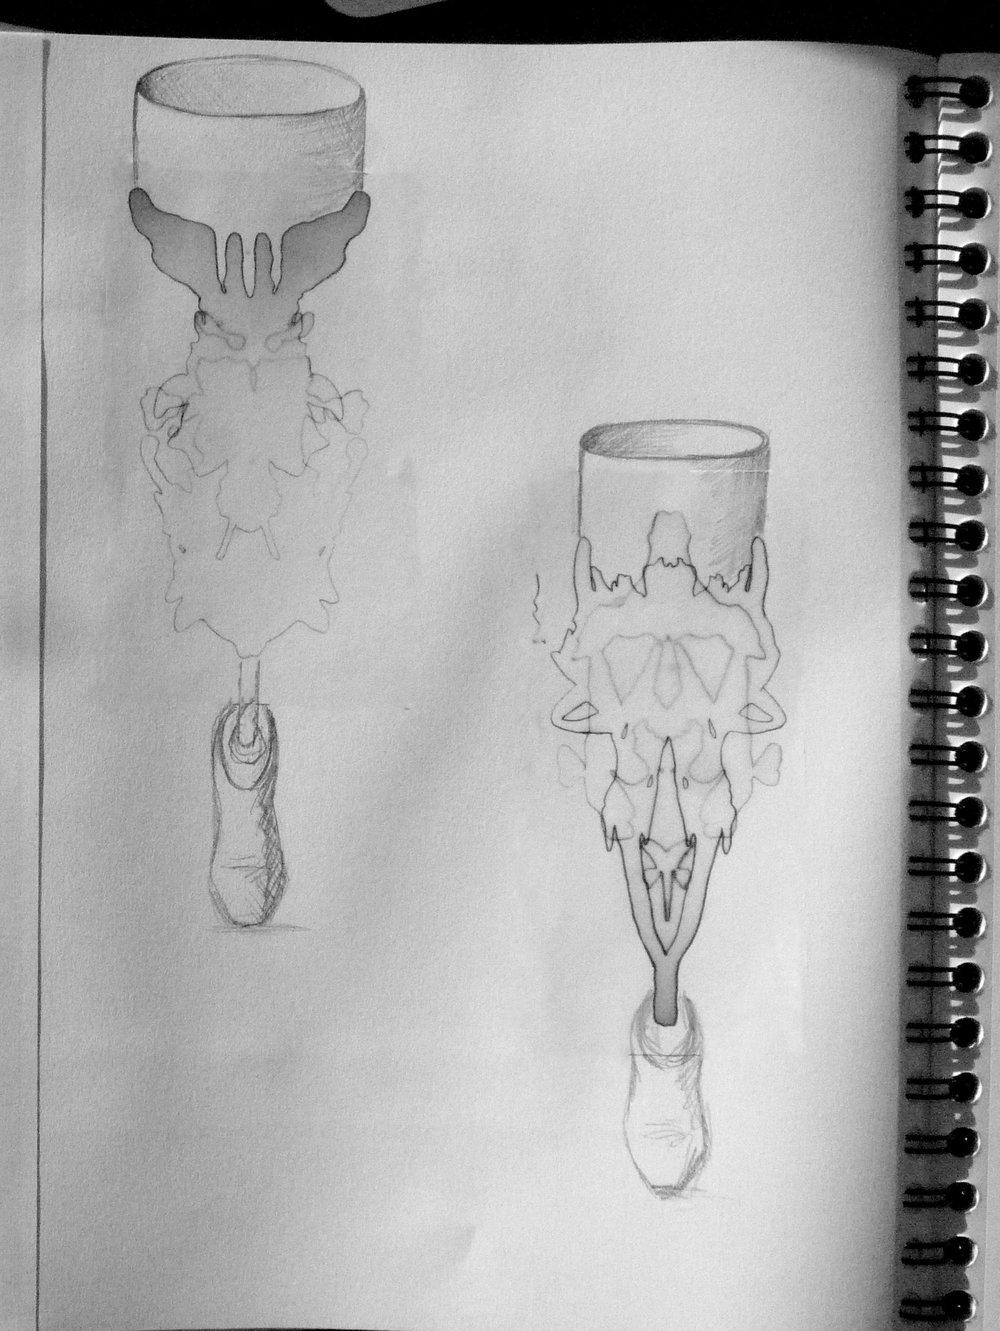 schets.jpg